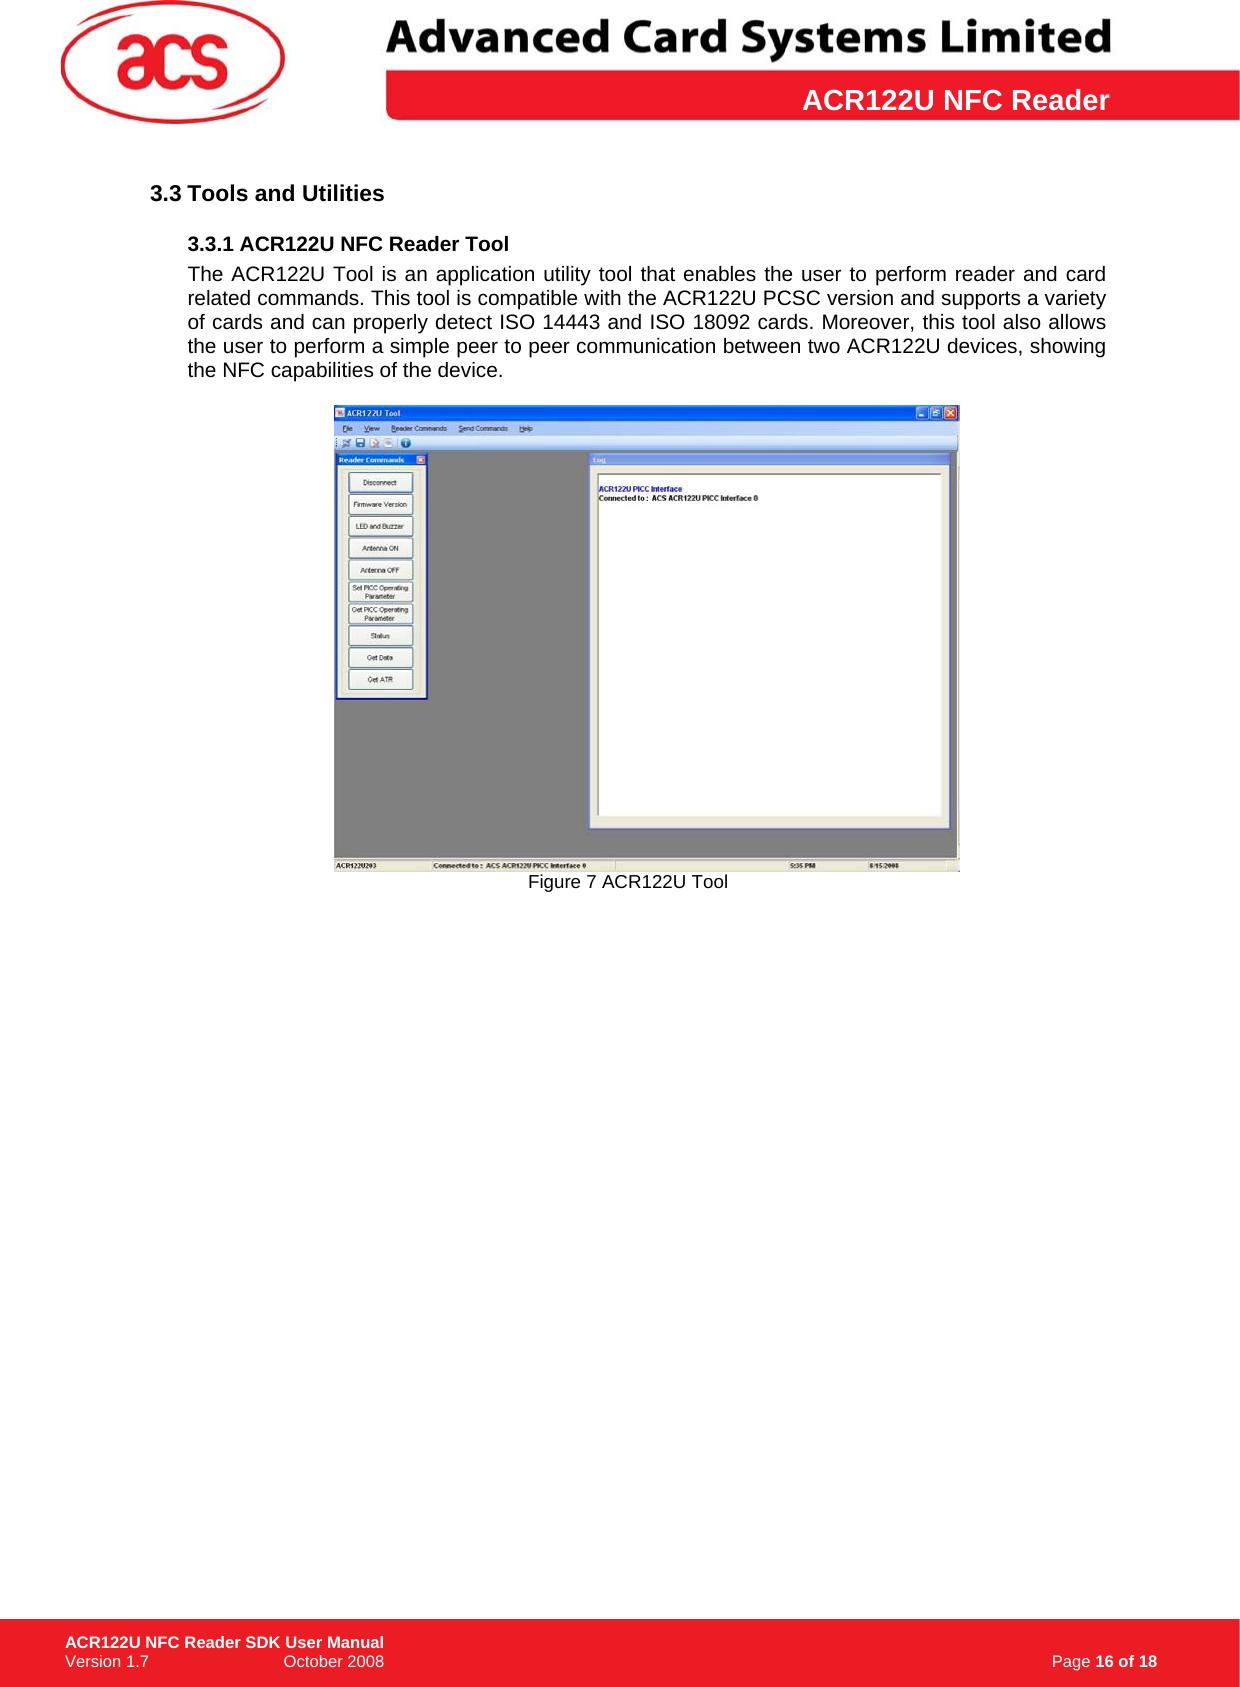 ACR122U NFC Reader SDK User Manual_v1 7 Manual